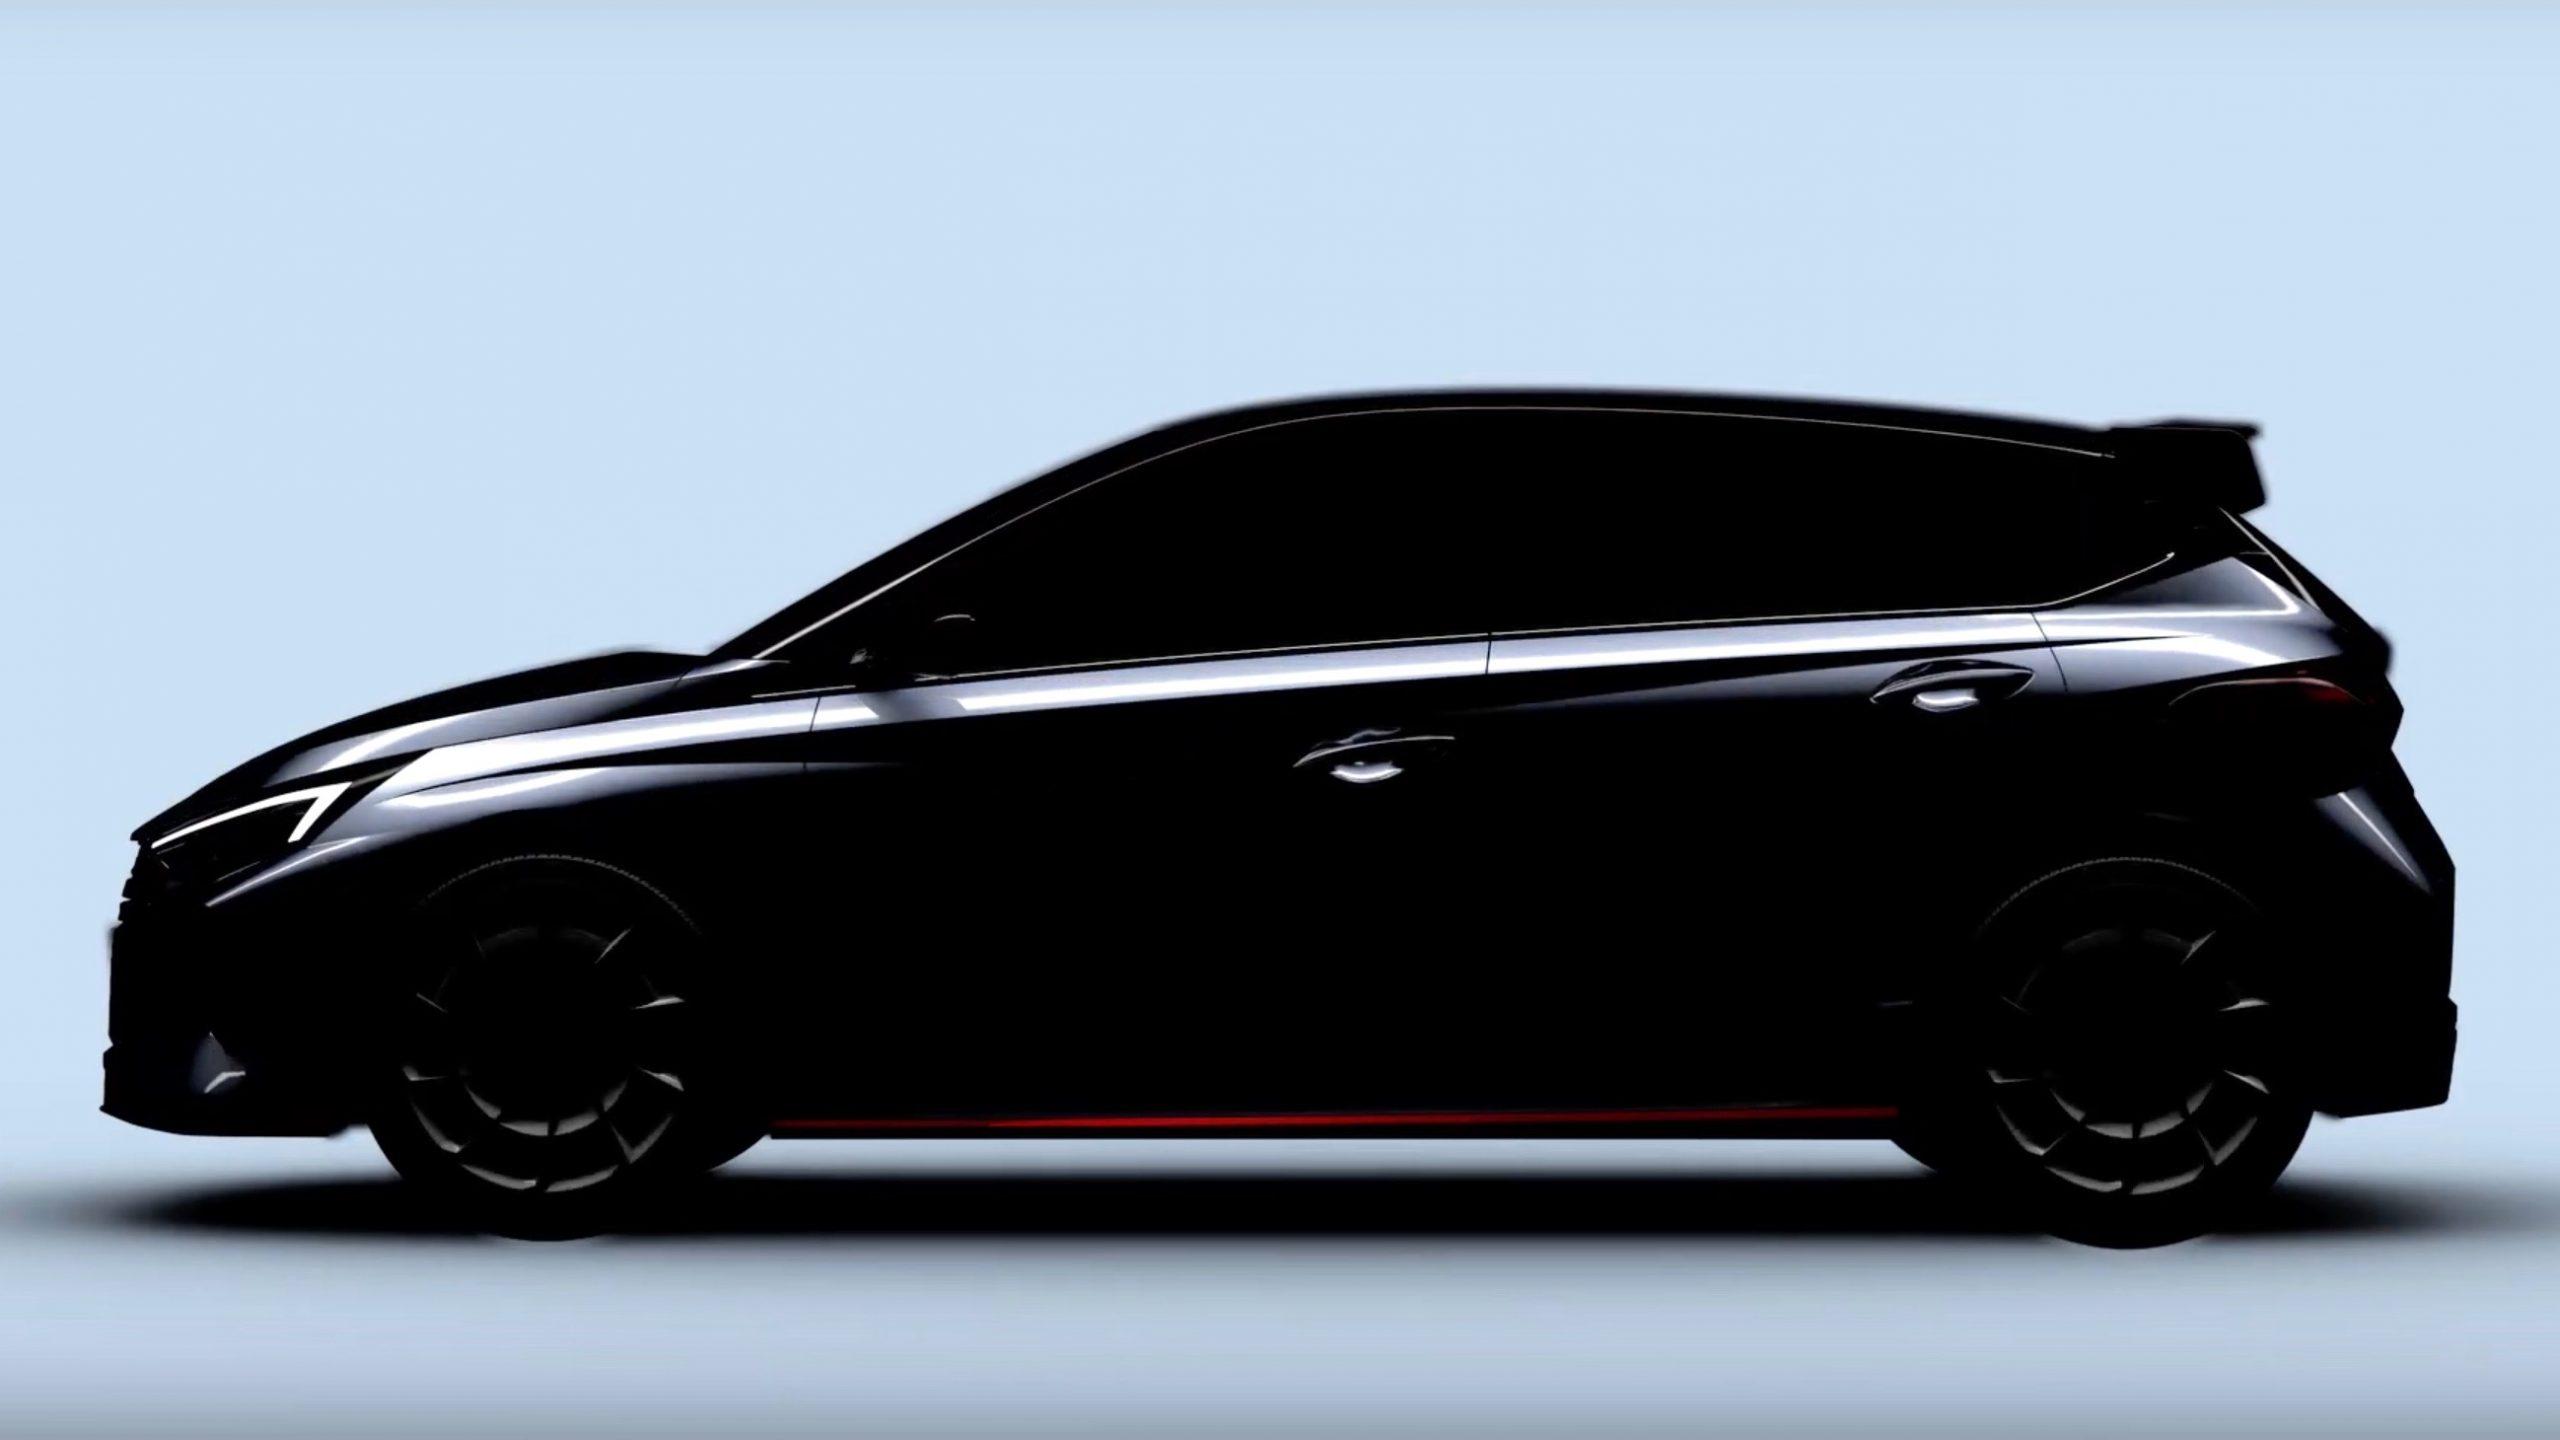 2021 Hyundai I20 Images